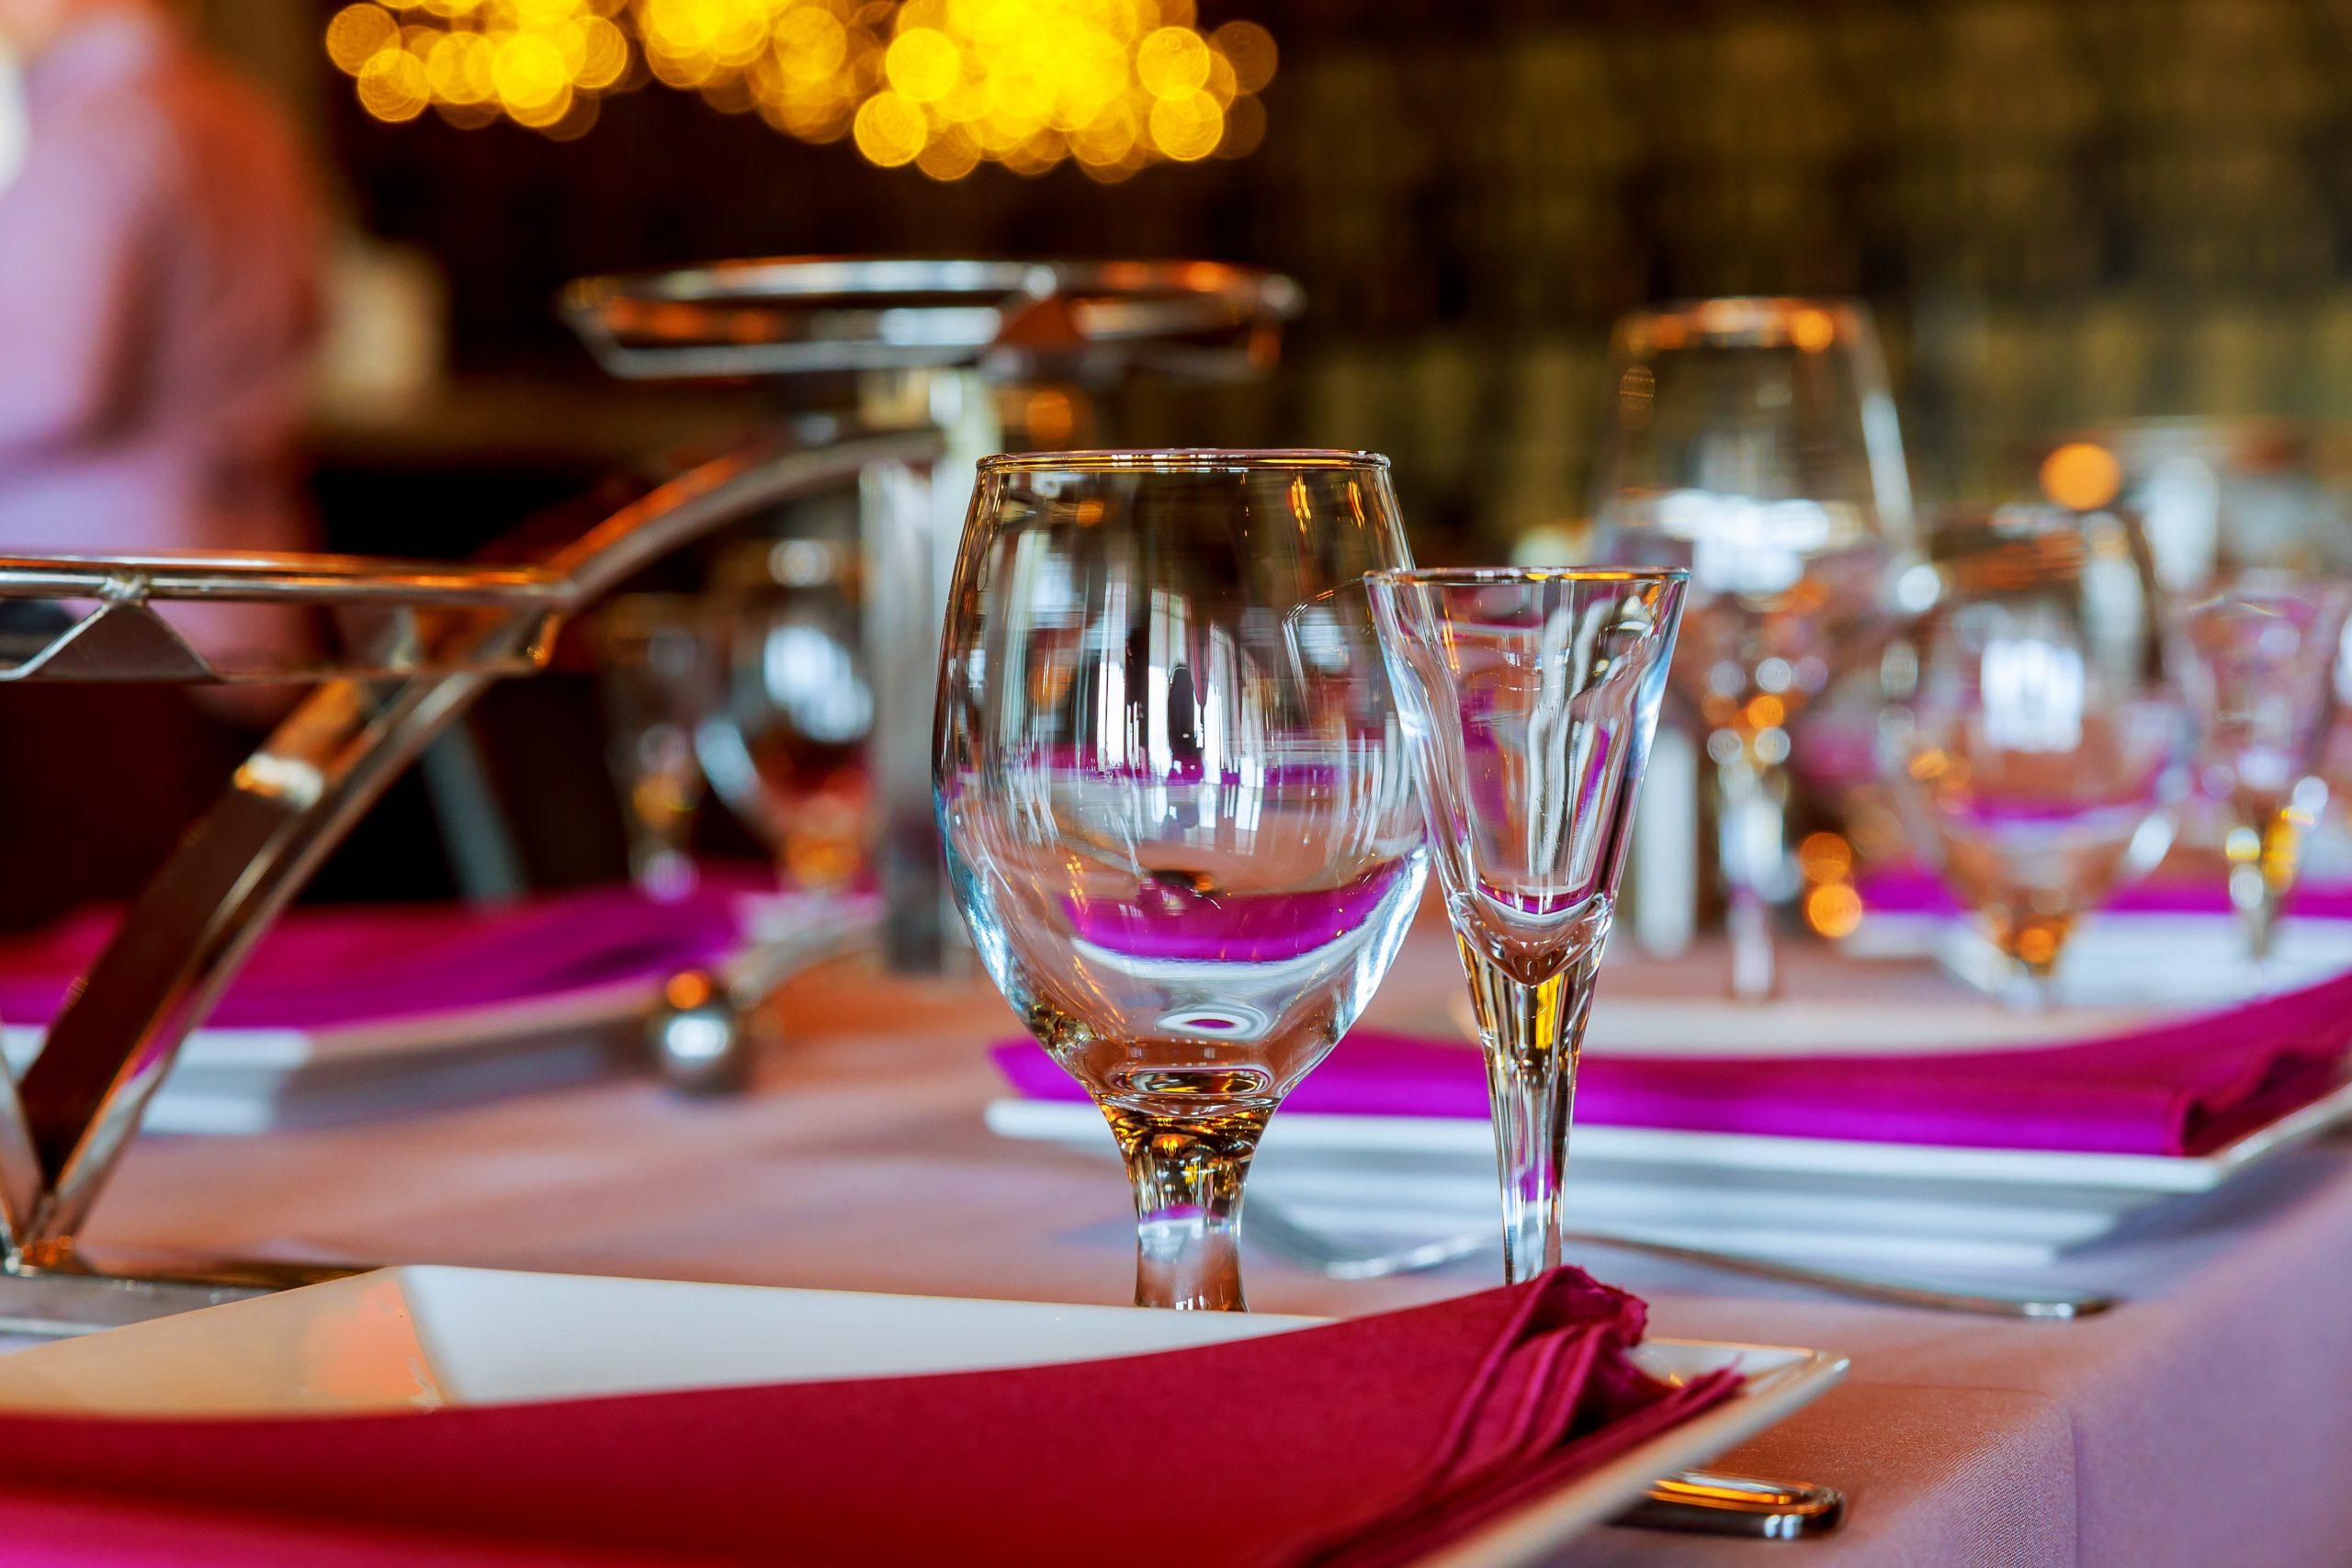 Restaurant for Wine Lovers